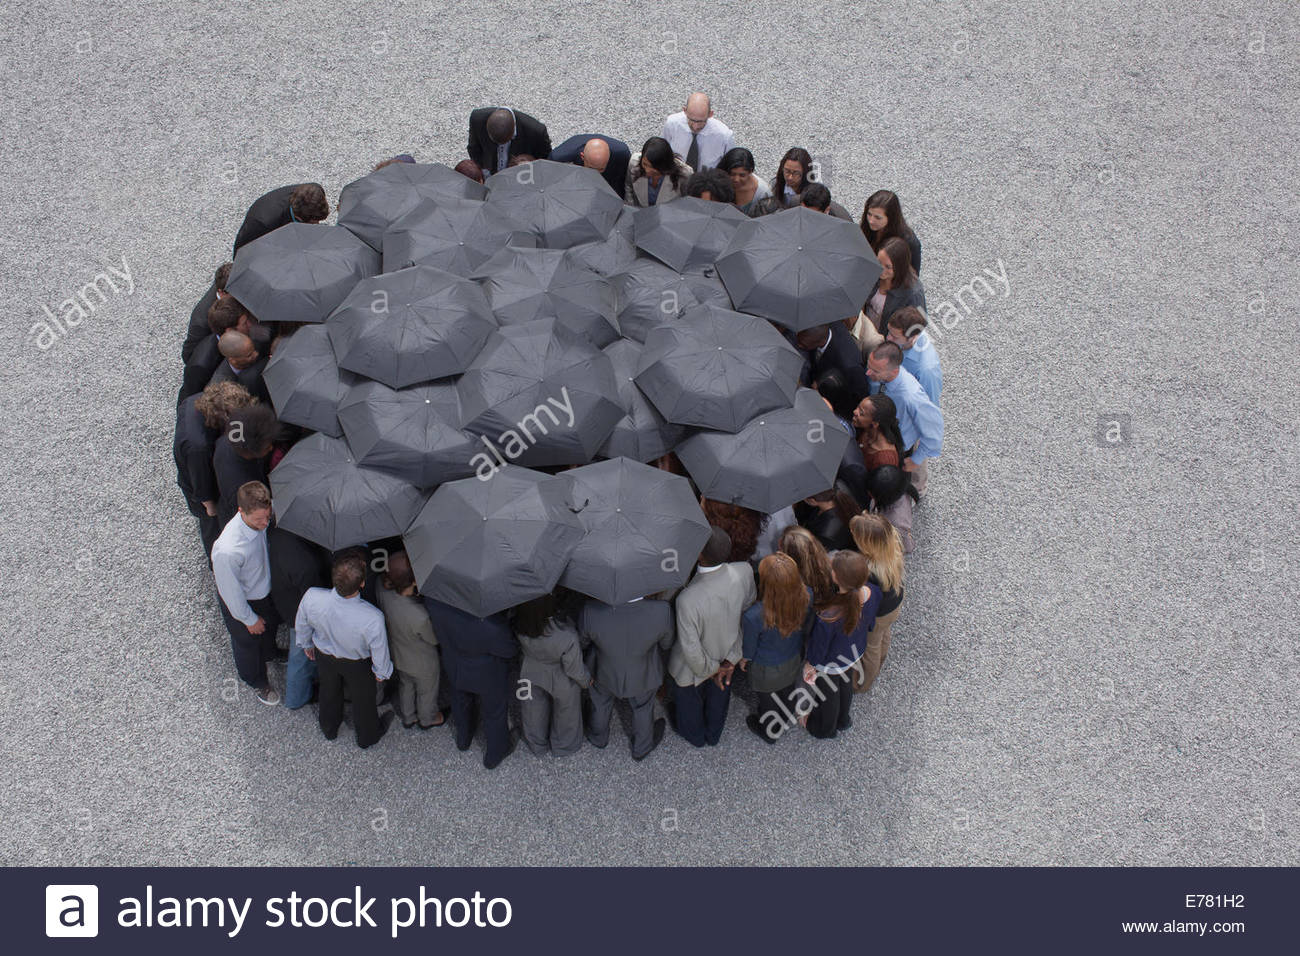 Cerchio formato da gente di affari con ombrelloni Immagini Stock